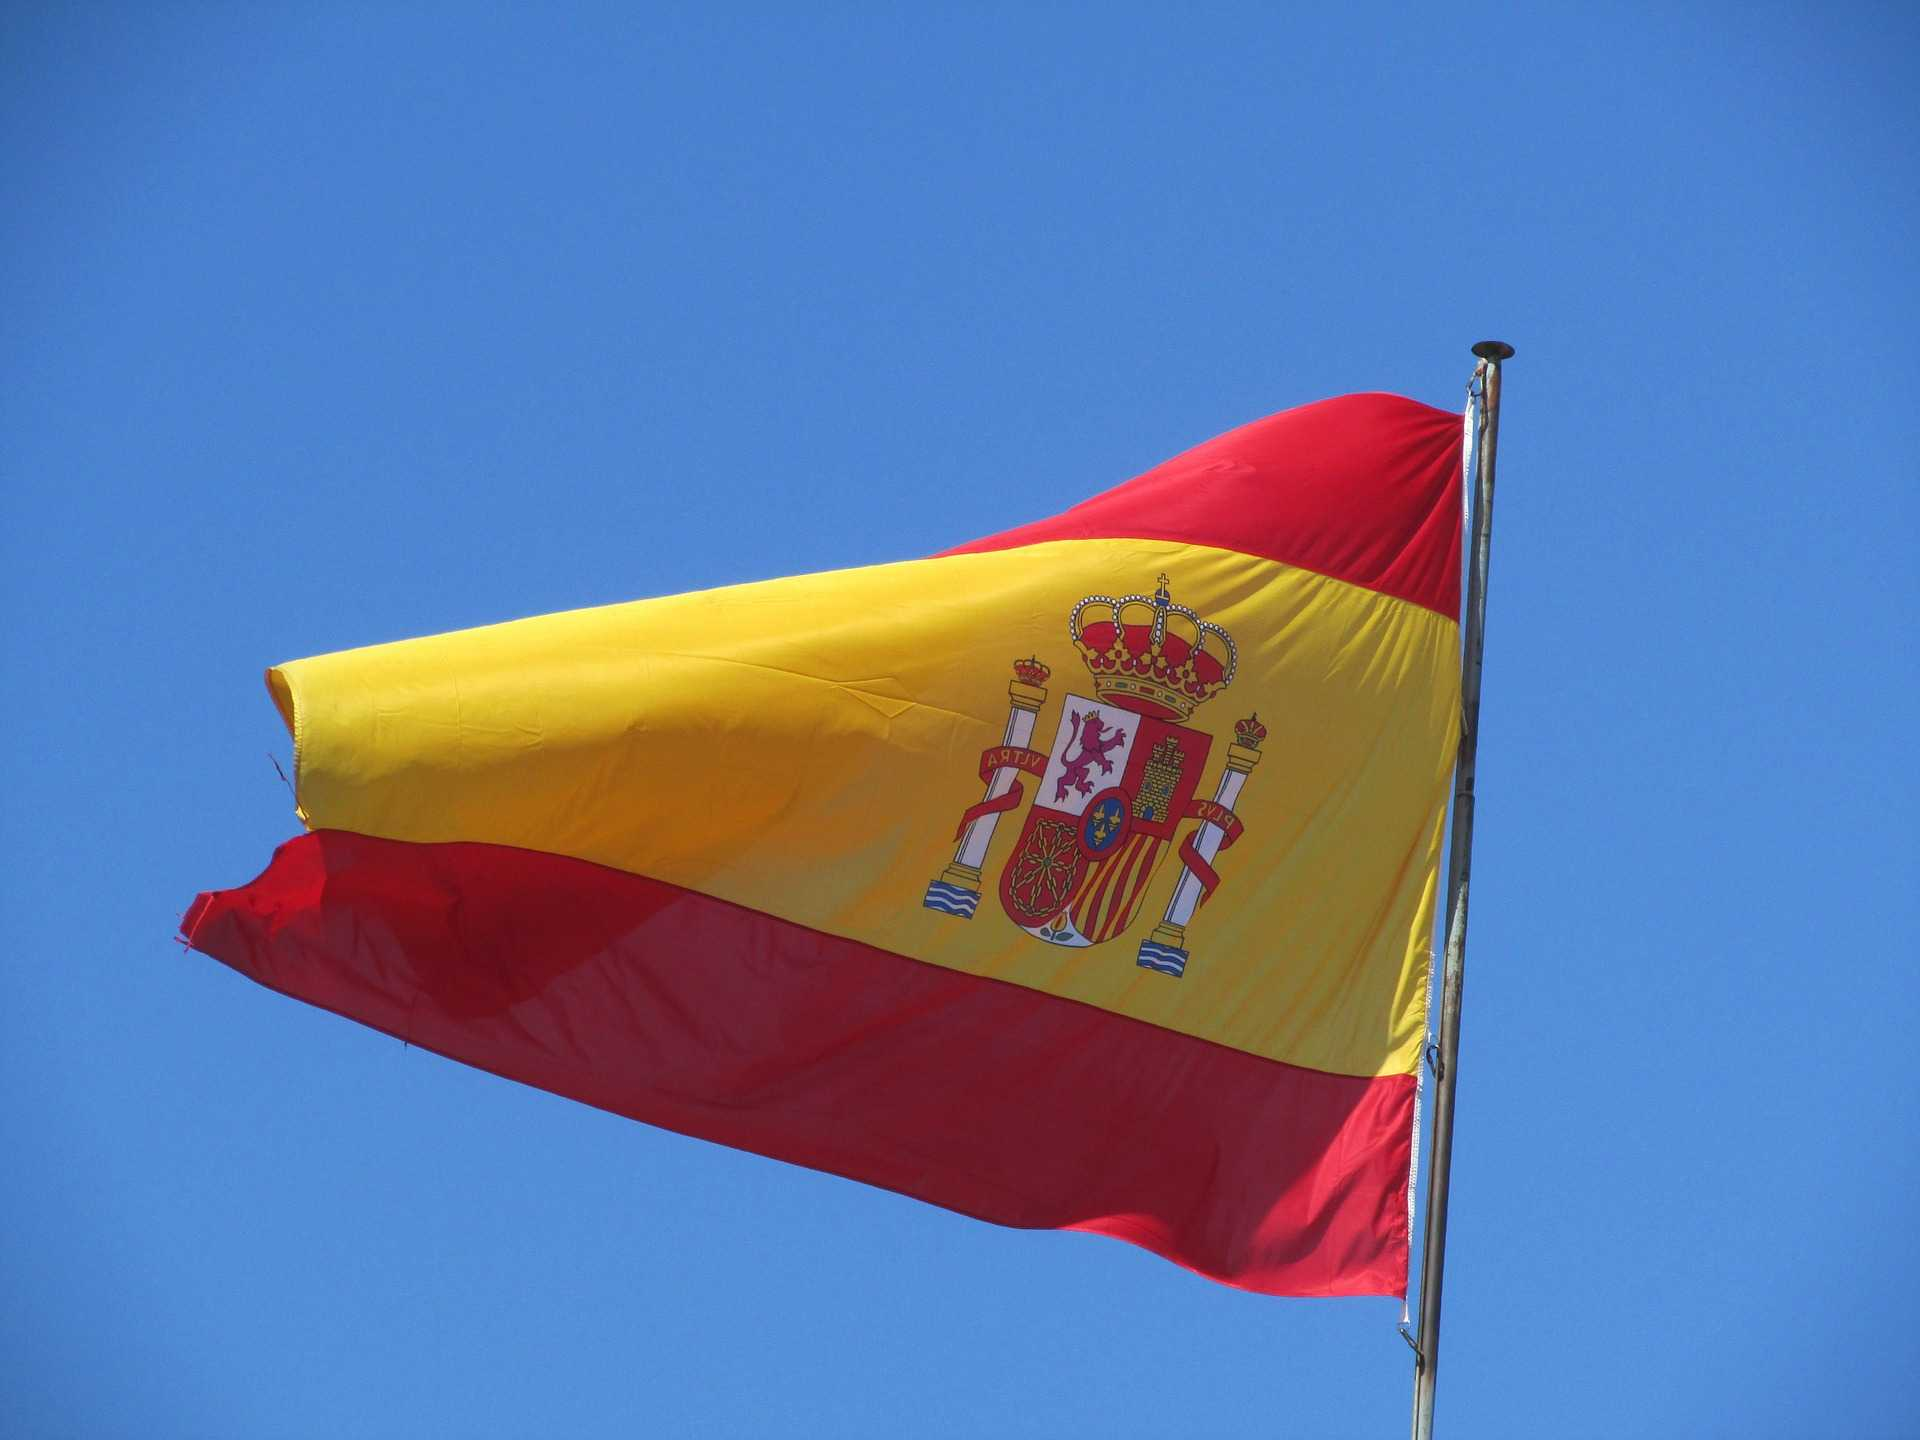 Україна та Іспанія мають гарні перспективи розвитку двосторонніх торговельно-економічних відносин — Качка